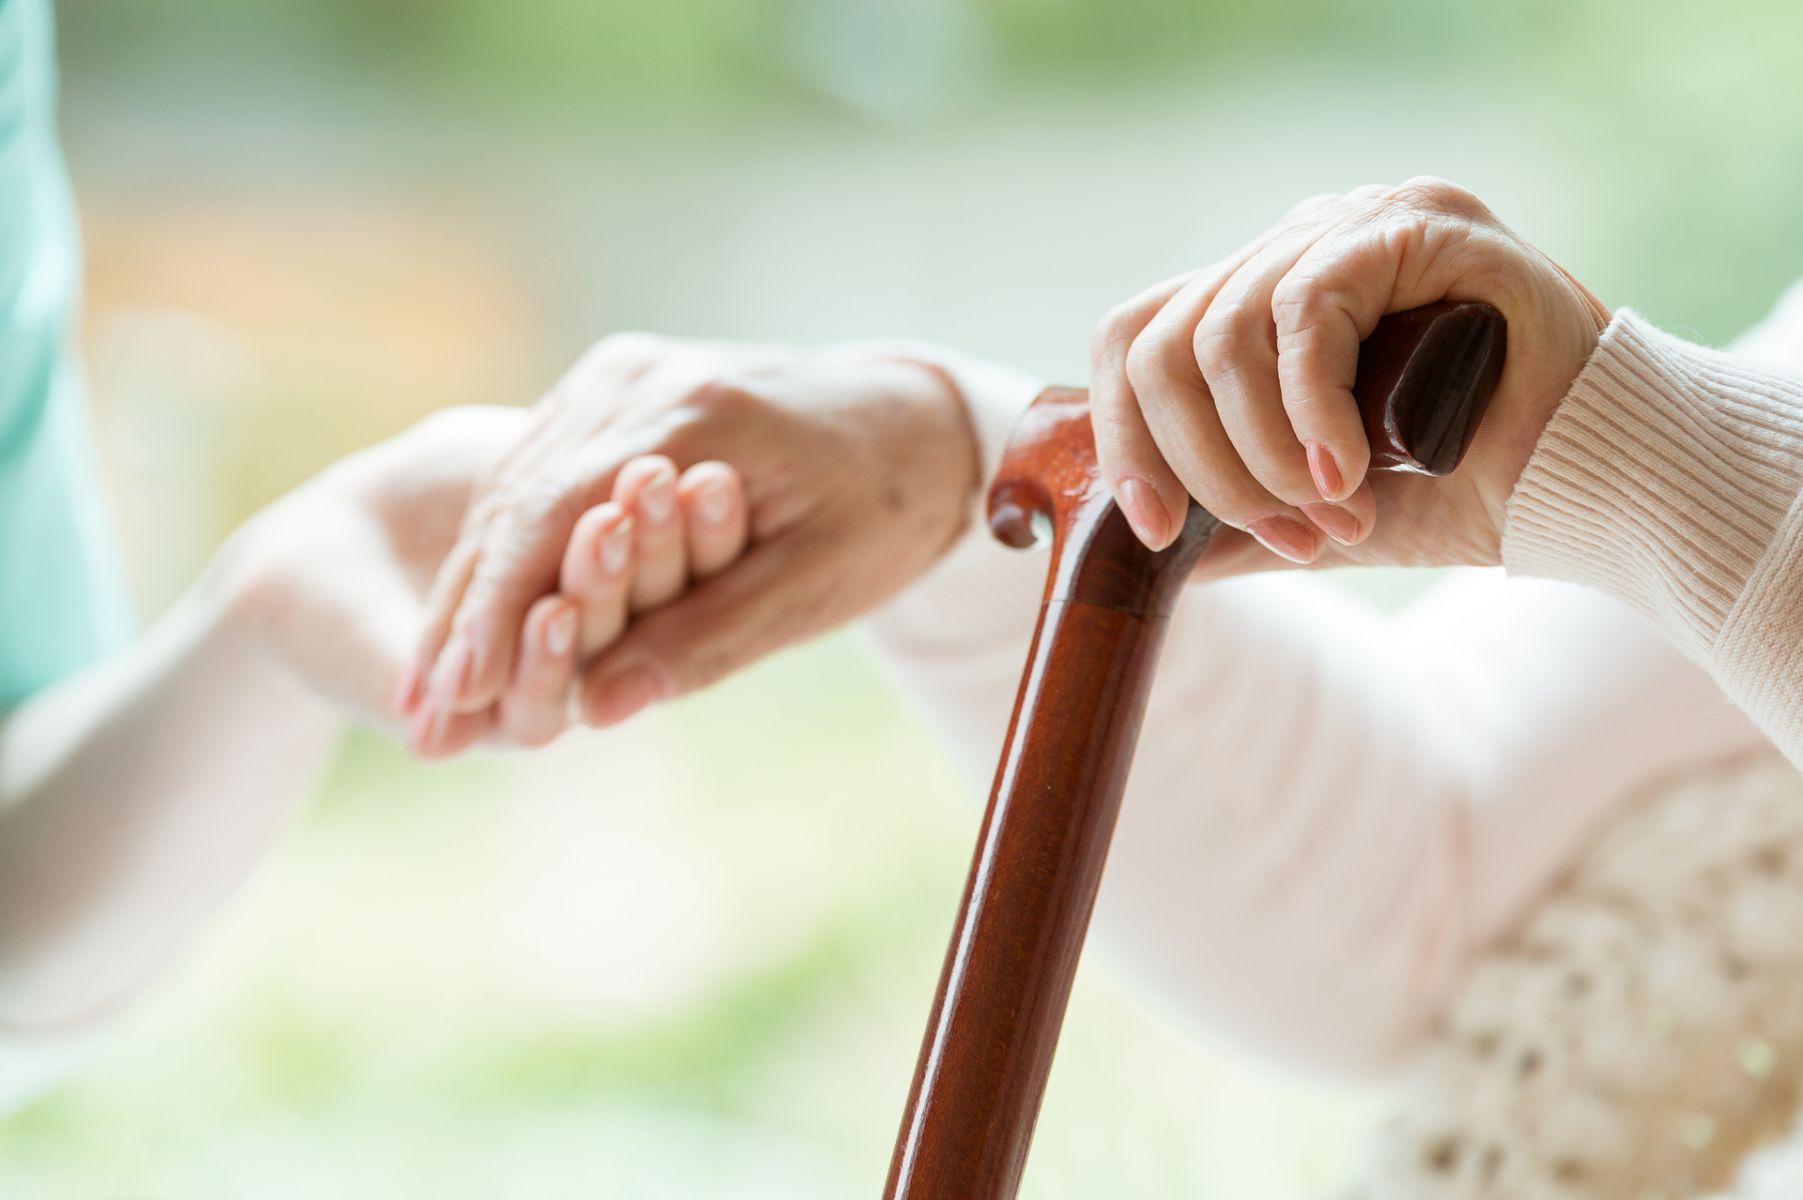 骨質疏鬆症該如何預防及治療?醫師教你完整掌握5大關鍵